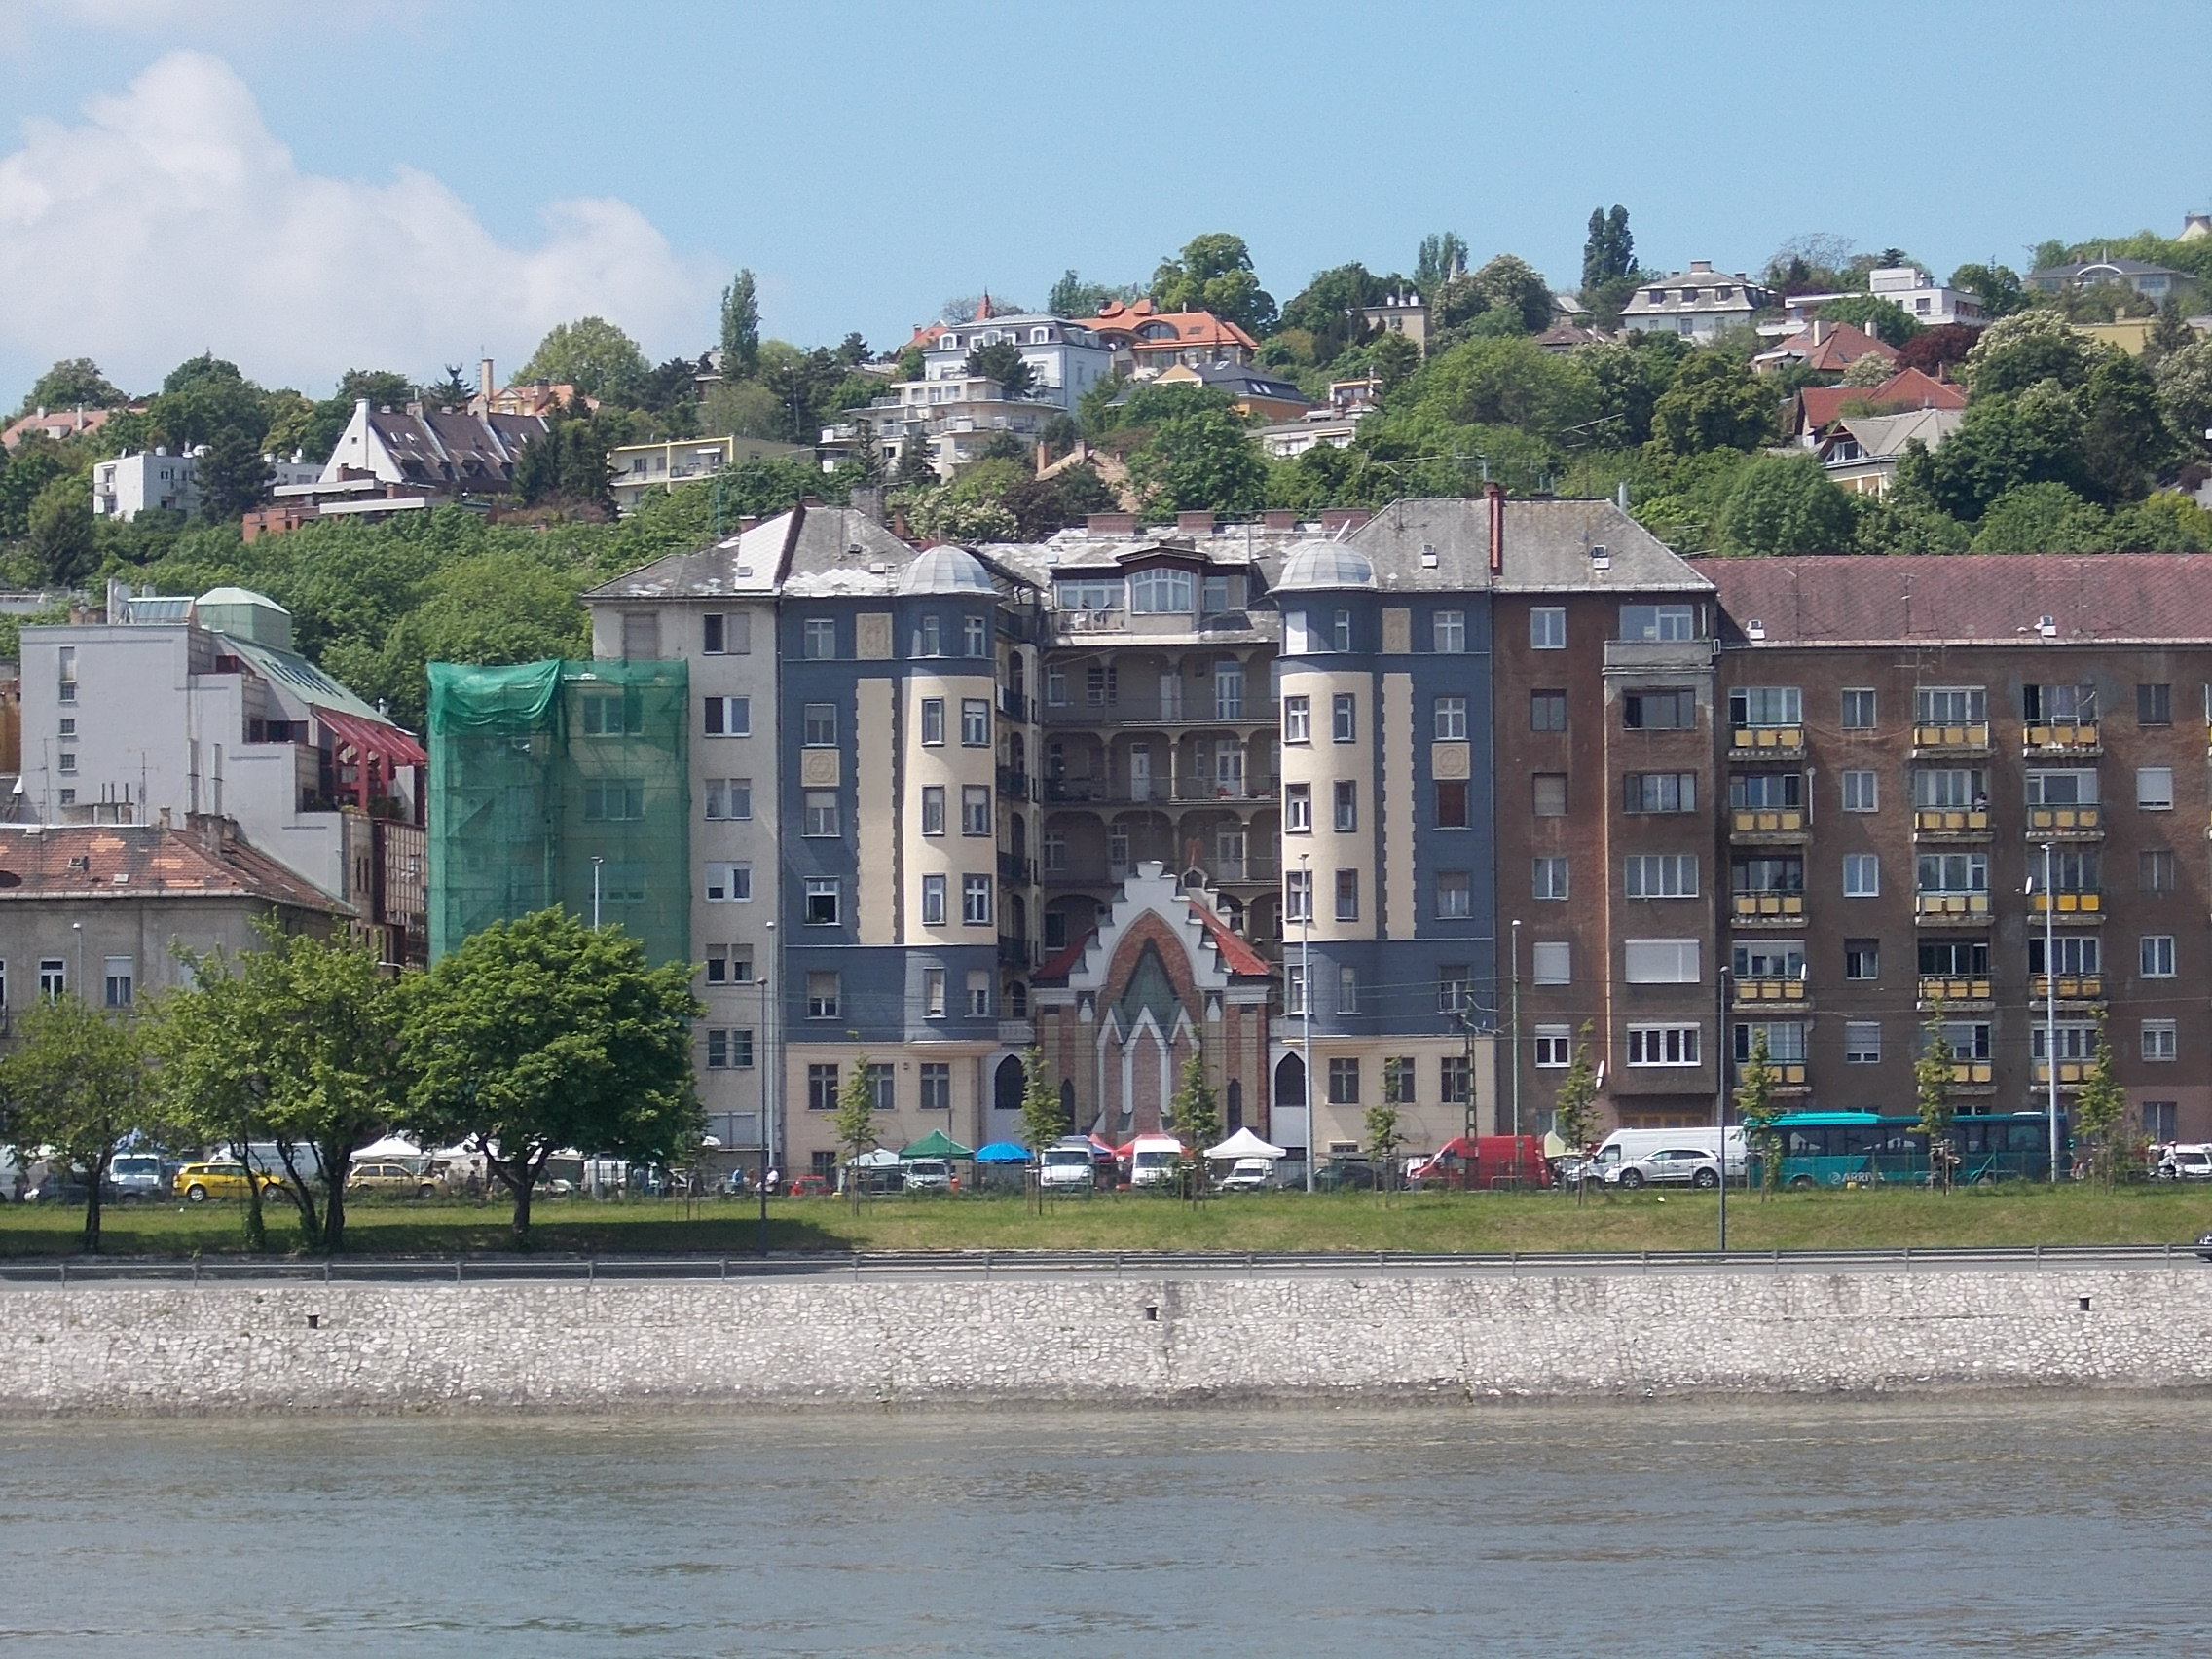 ujlaki-zsinagoga-wikipedia.jpg